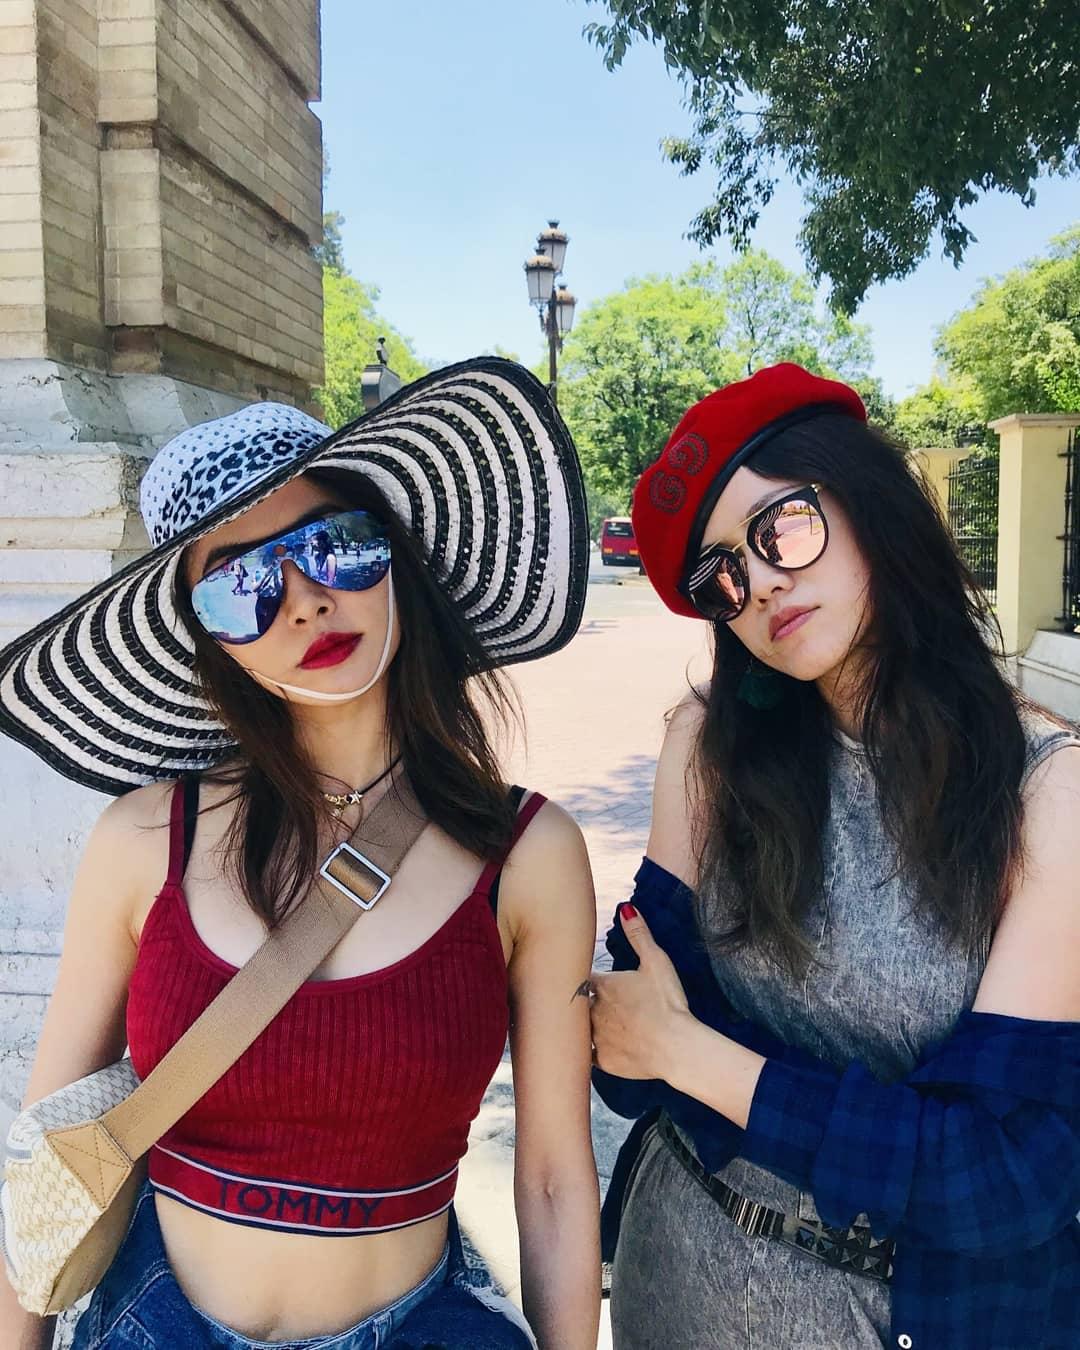 Jolin無大肆慶祝,孖一眾好姊妹出國遊玩。 IG圖